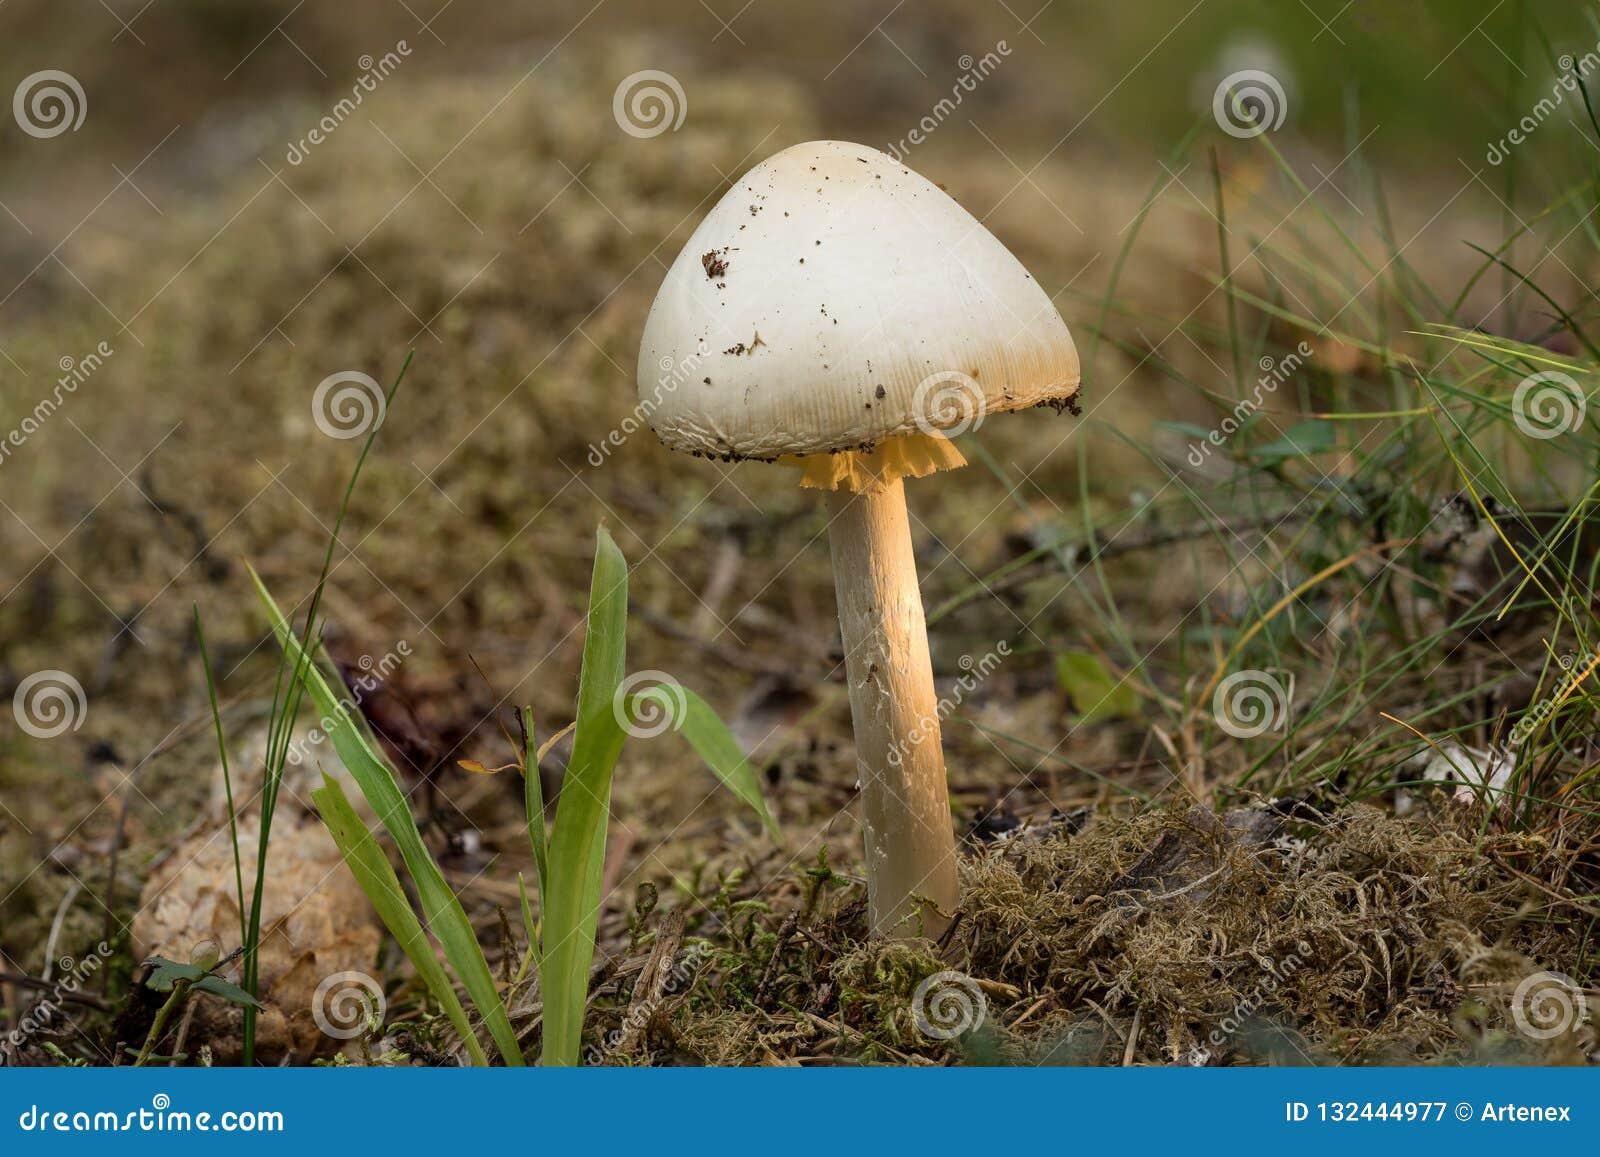 que es un hongo basidiomiceto